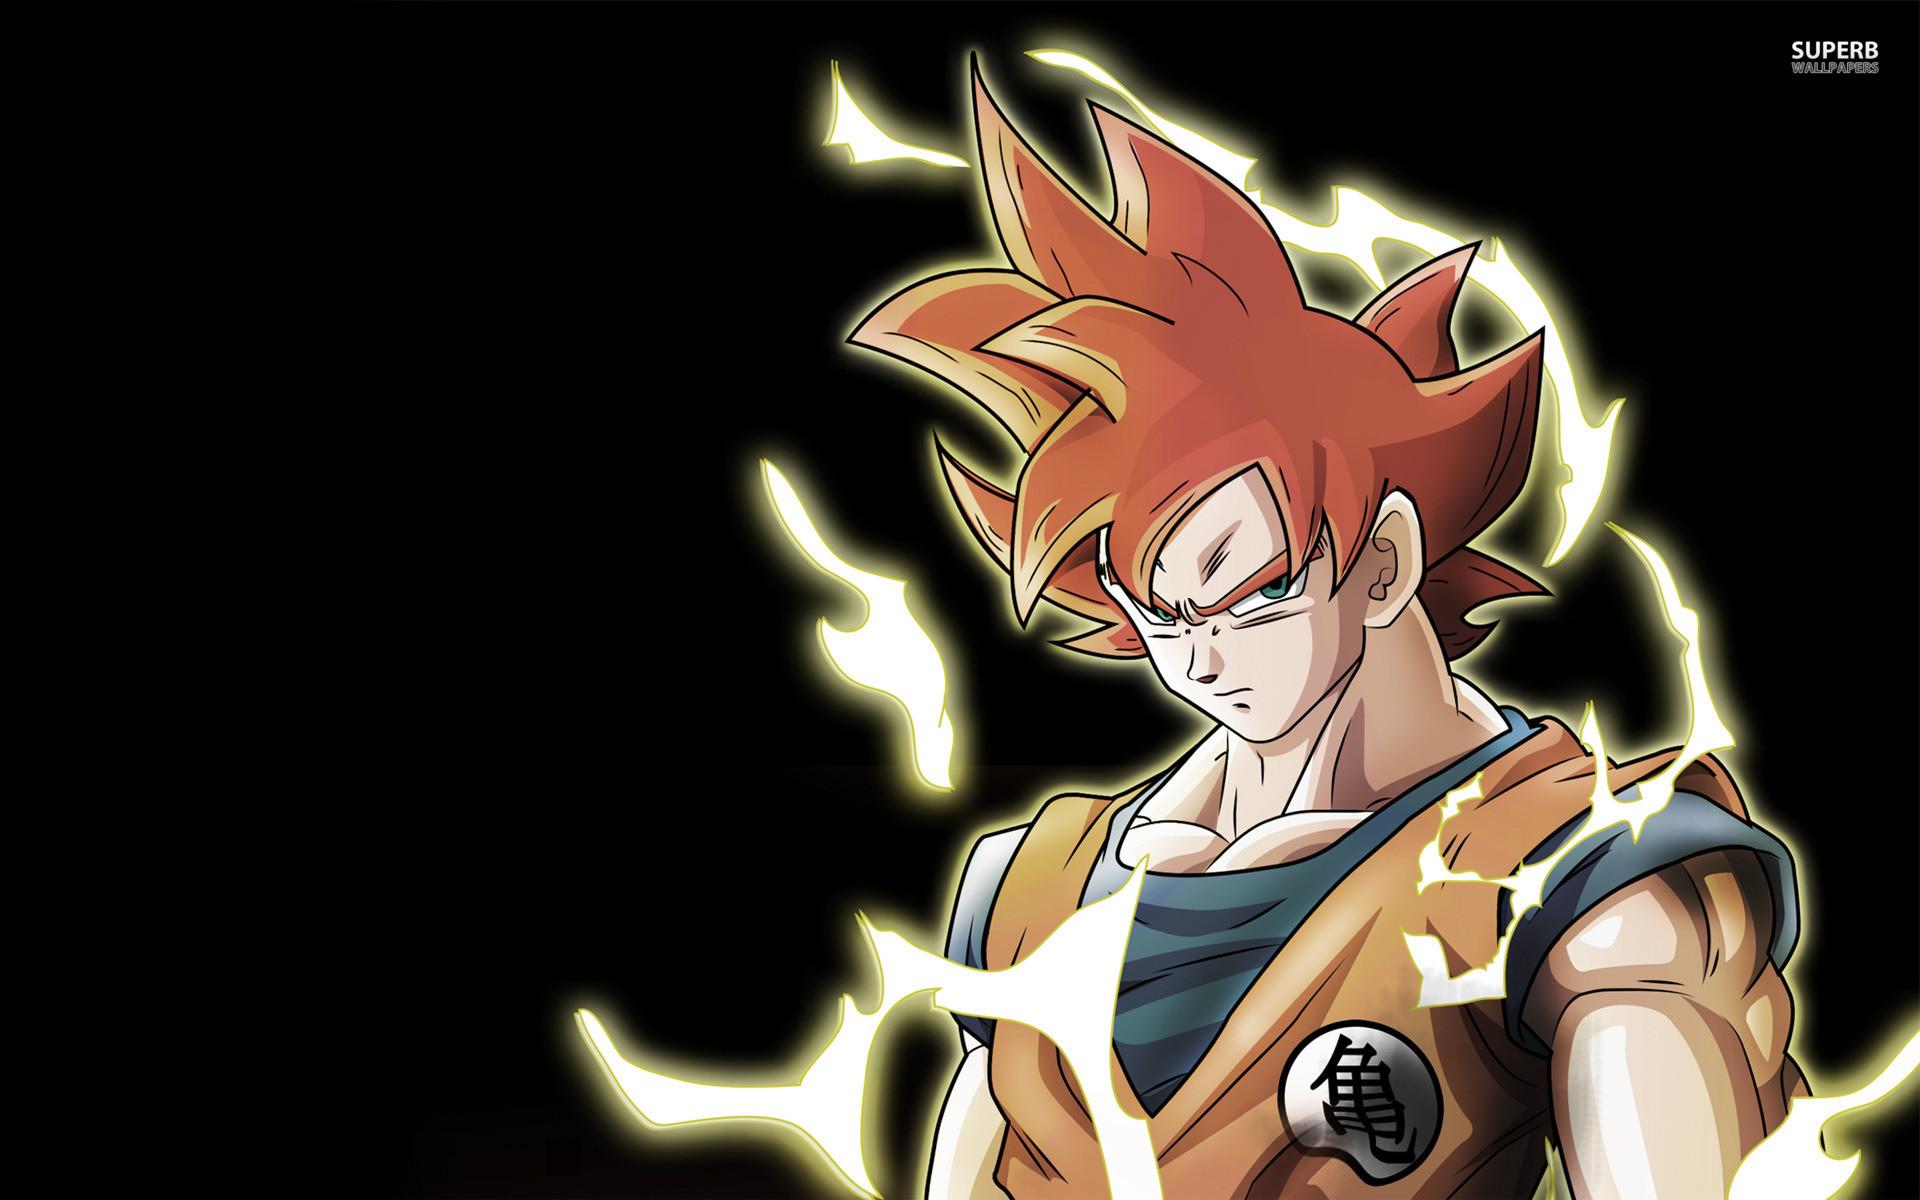 Badass Goku HD Wallpaper